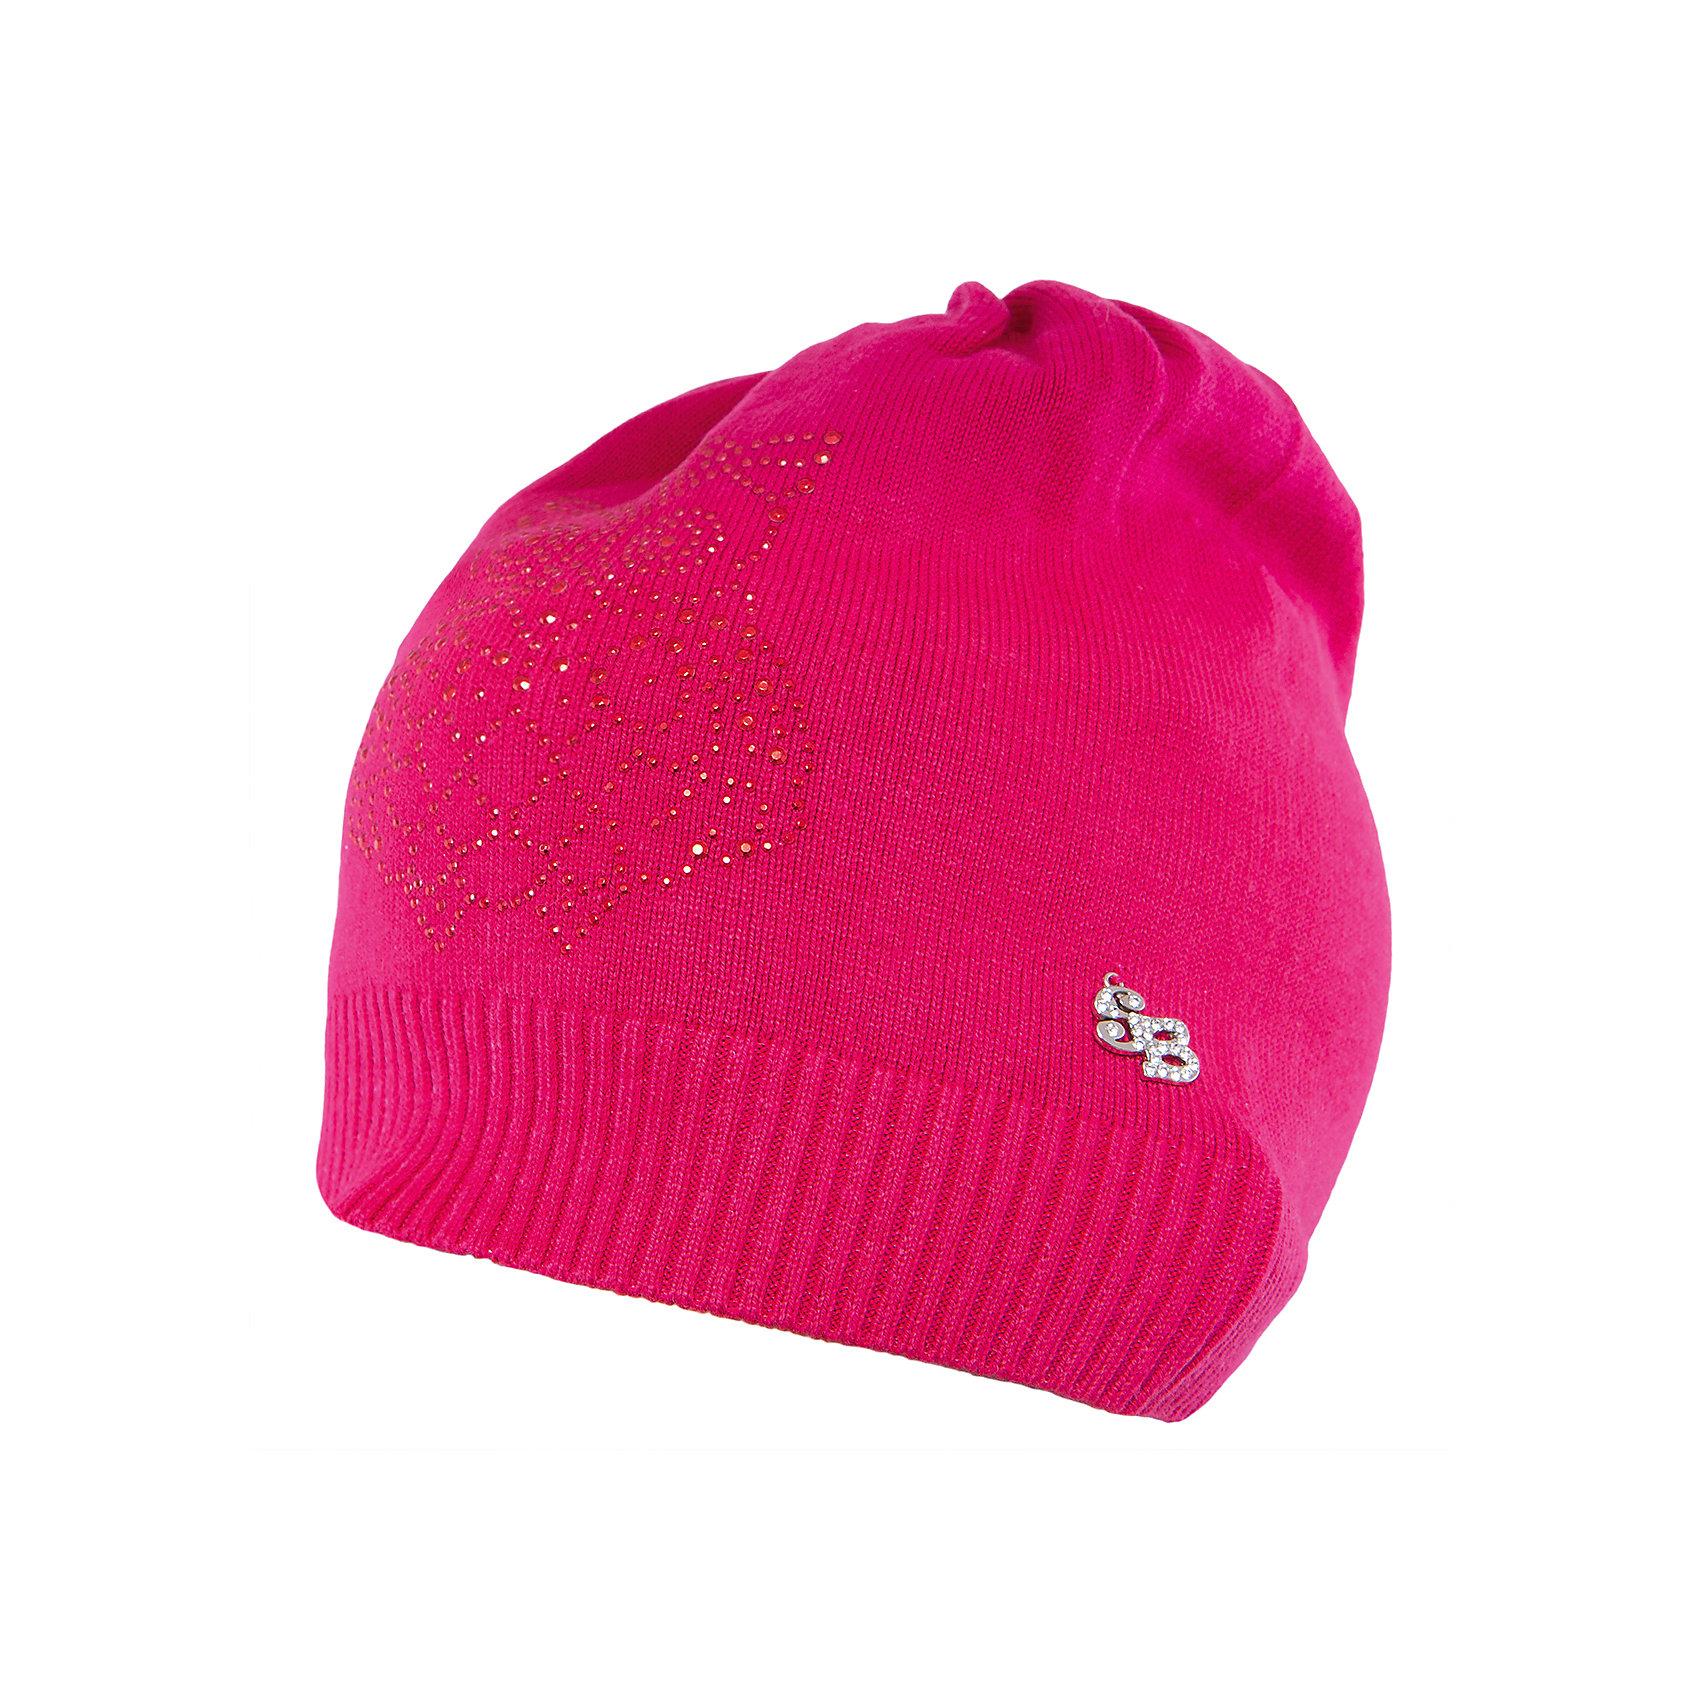 Шапка для девочки Sweet BerryТакая шапка для девочки отличается модным дизайном: узор из страз добавляет изделию оригинальности. Удачный крой обеспечит ребенку комфорт и тепло. Край изделия обработан мягкой резинкой, поэтому вещь плотно прилегает к голове. Украшена шапка симпатичной подвеской.<br>Одежда от бренда Sweet Berry - это простой и выгодный способ одеть ребенка удобно и стильно. Всё изделия тщательно проработаны: швы - прочные, материал - качественный, фурнитура - подобранная специально для детей. <br><br>Дополнительная информация:<br><br>цвет: розовый;<br>материал: 60% хлопок, 40% акрил;<br>украшена стразами и подвеской.<br><br>Шапку для девочки от бренда Sweet Berry можно купить в нашем интернет-магазине.<br><br>Ширина мм: 89<br>Глубина мм: 117<br>Высота мм: 44<br>Вес г: 155<br>Цвет: розовый<br>Возраст от месяцев: 72<br>Возраст до месяцев: 84<br>Пол: Женский<br>Возраст: Детский<br>Размер: 54,50,52<br>SKU: 4931676